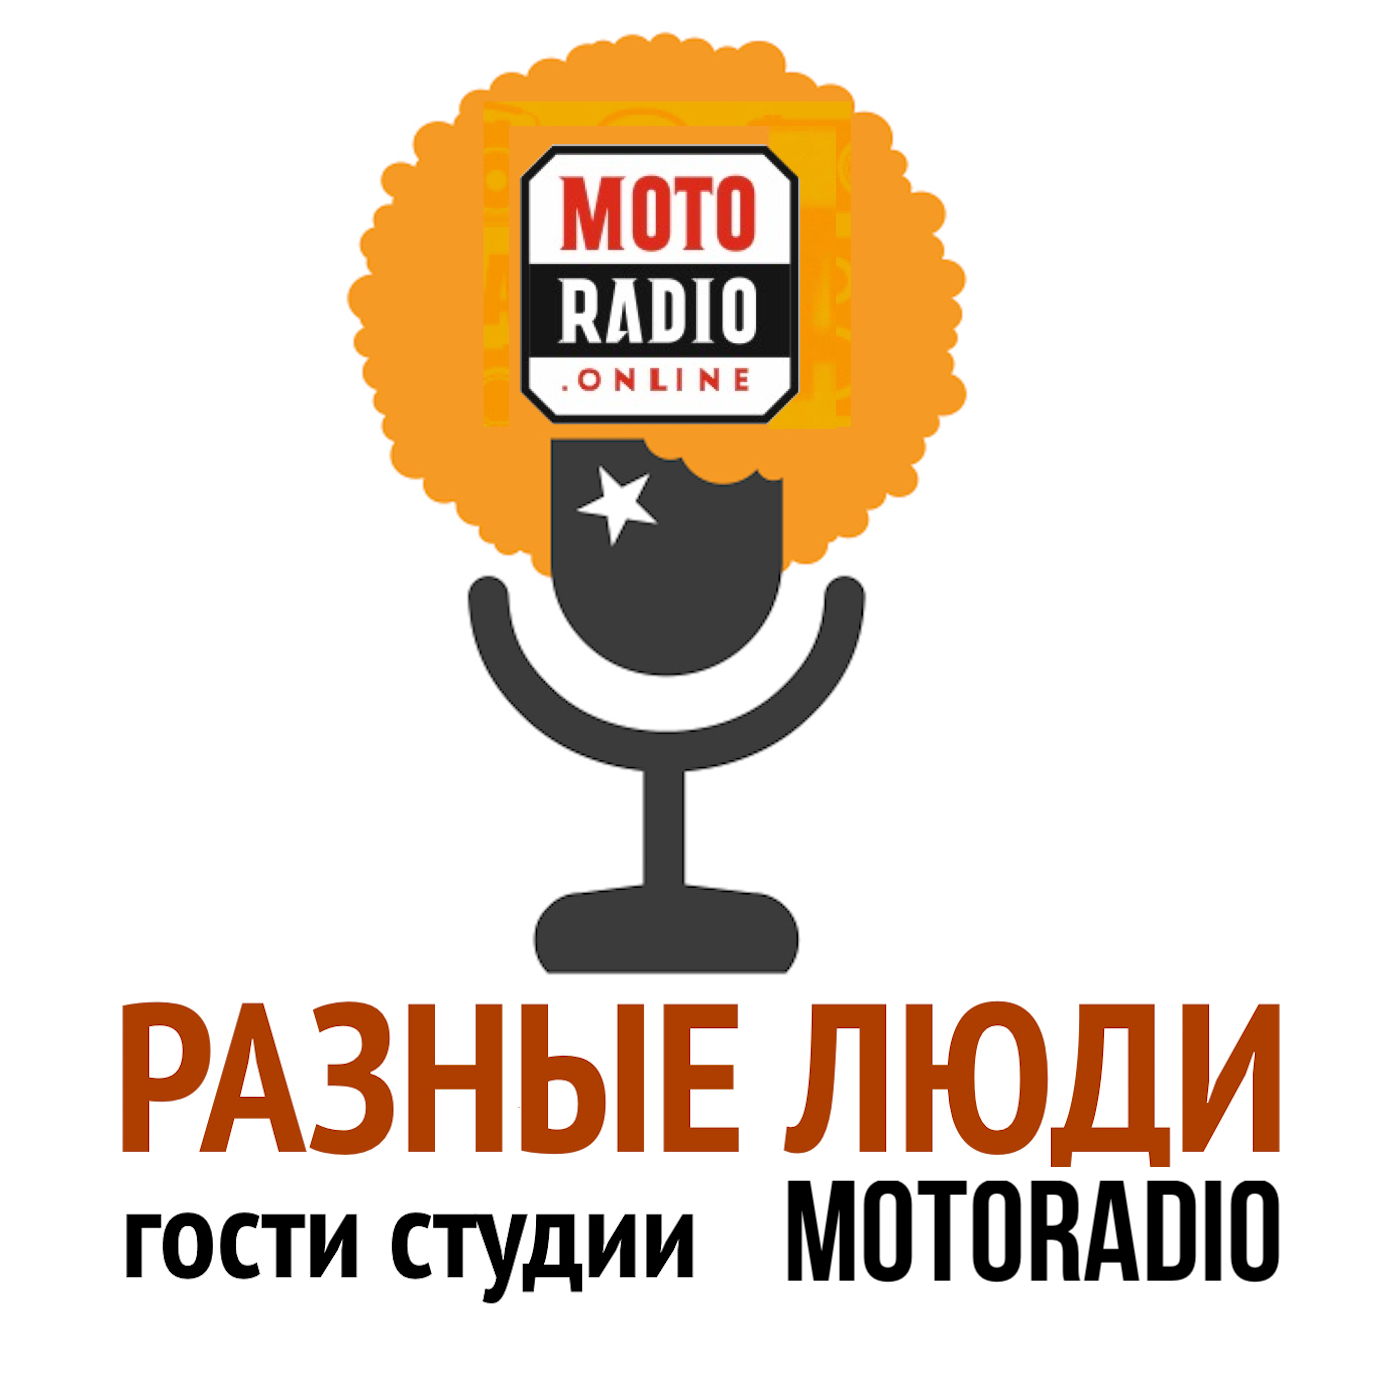 Моторадио Знаменитый перкуссионист Йоэль Гонсалес и певица Полина Фрадкина дали интервью Фонтанке.FM